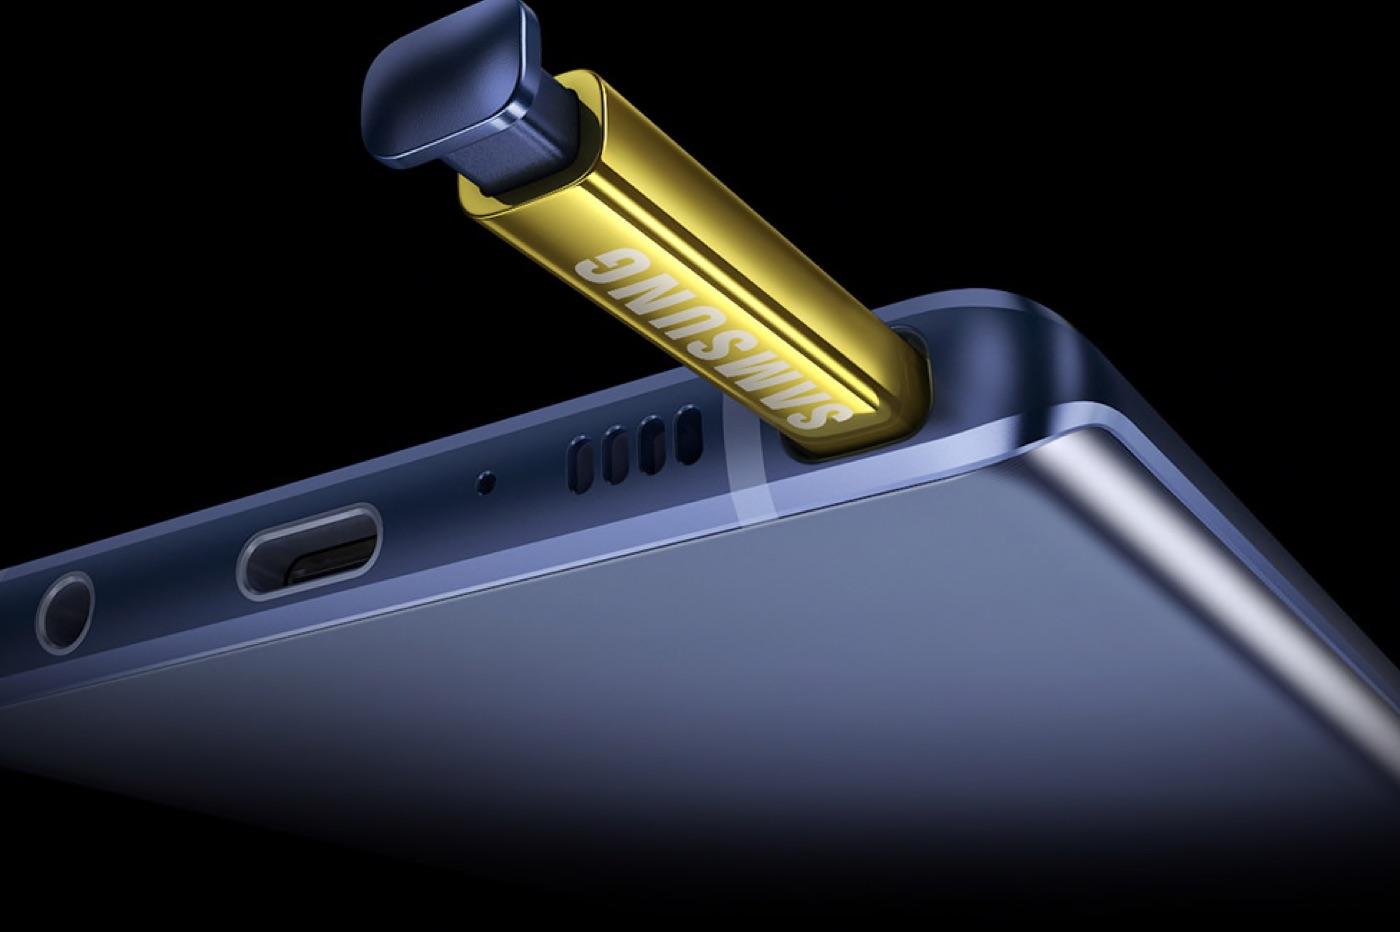 Les possesseurs d'iPhone de plus en plus séduits par la concurrence? 1